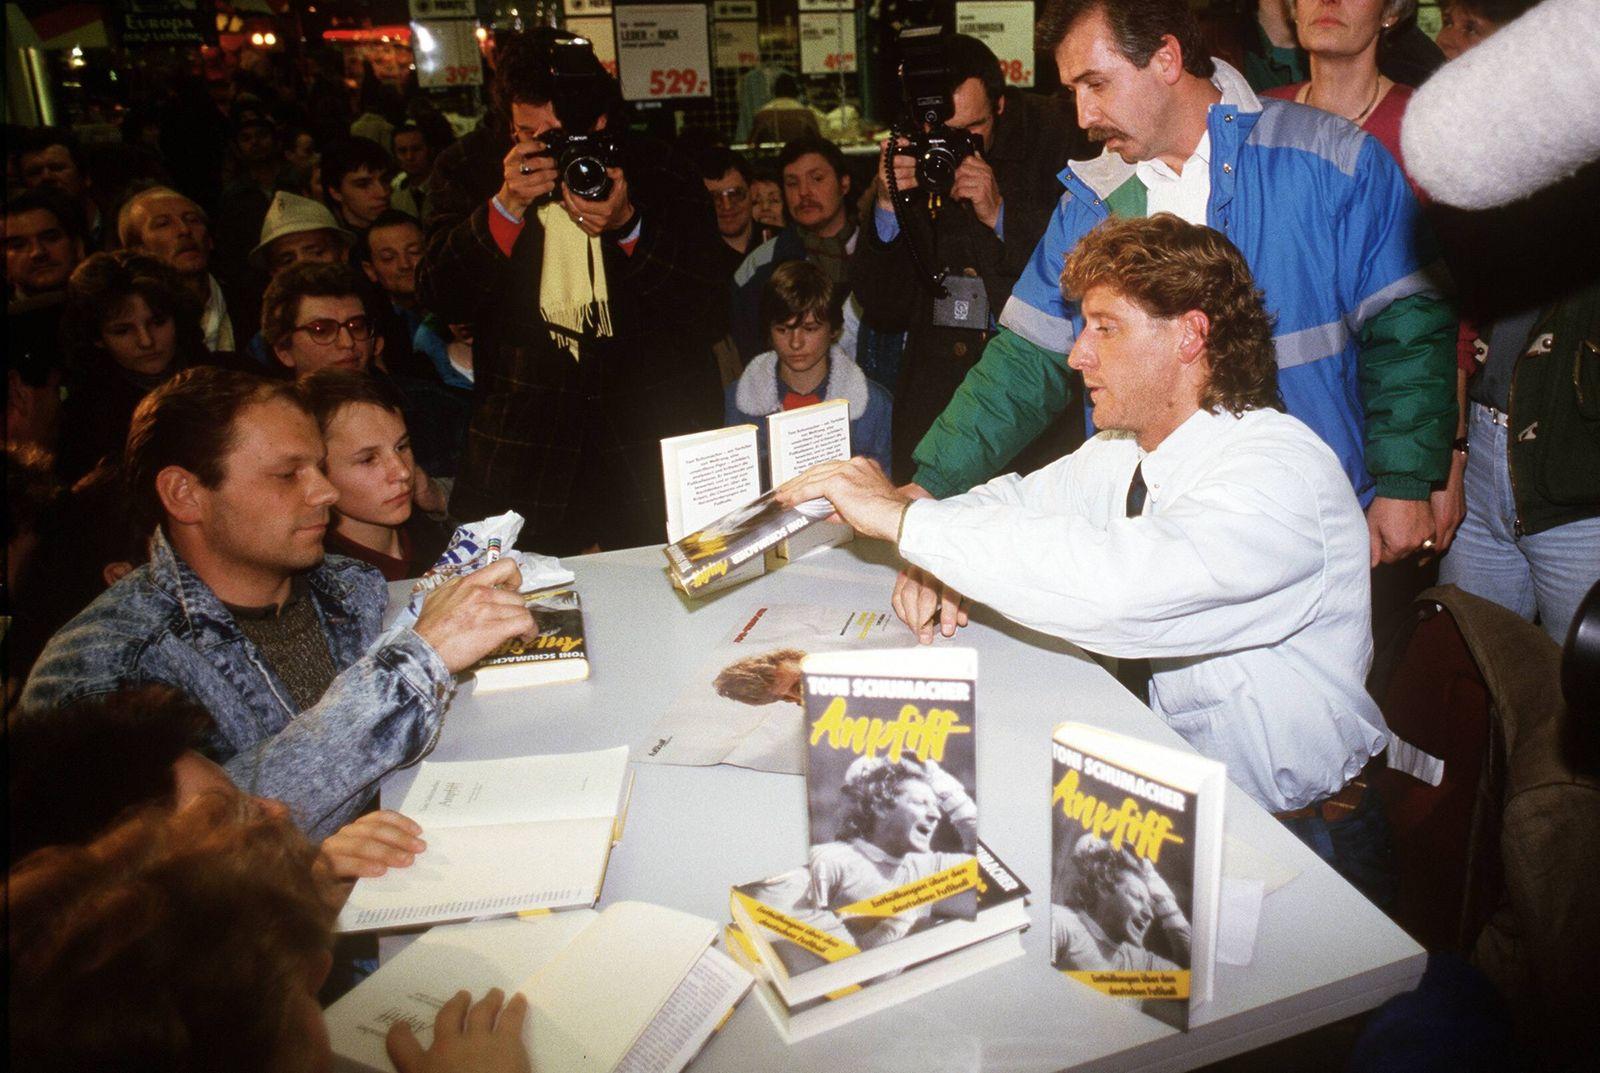 Toni Schumacher Deutschland signiert sein Buch Anpfiff Enthüllungen über den deutschen Fußball f